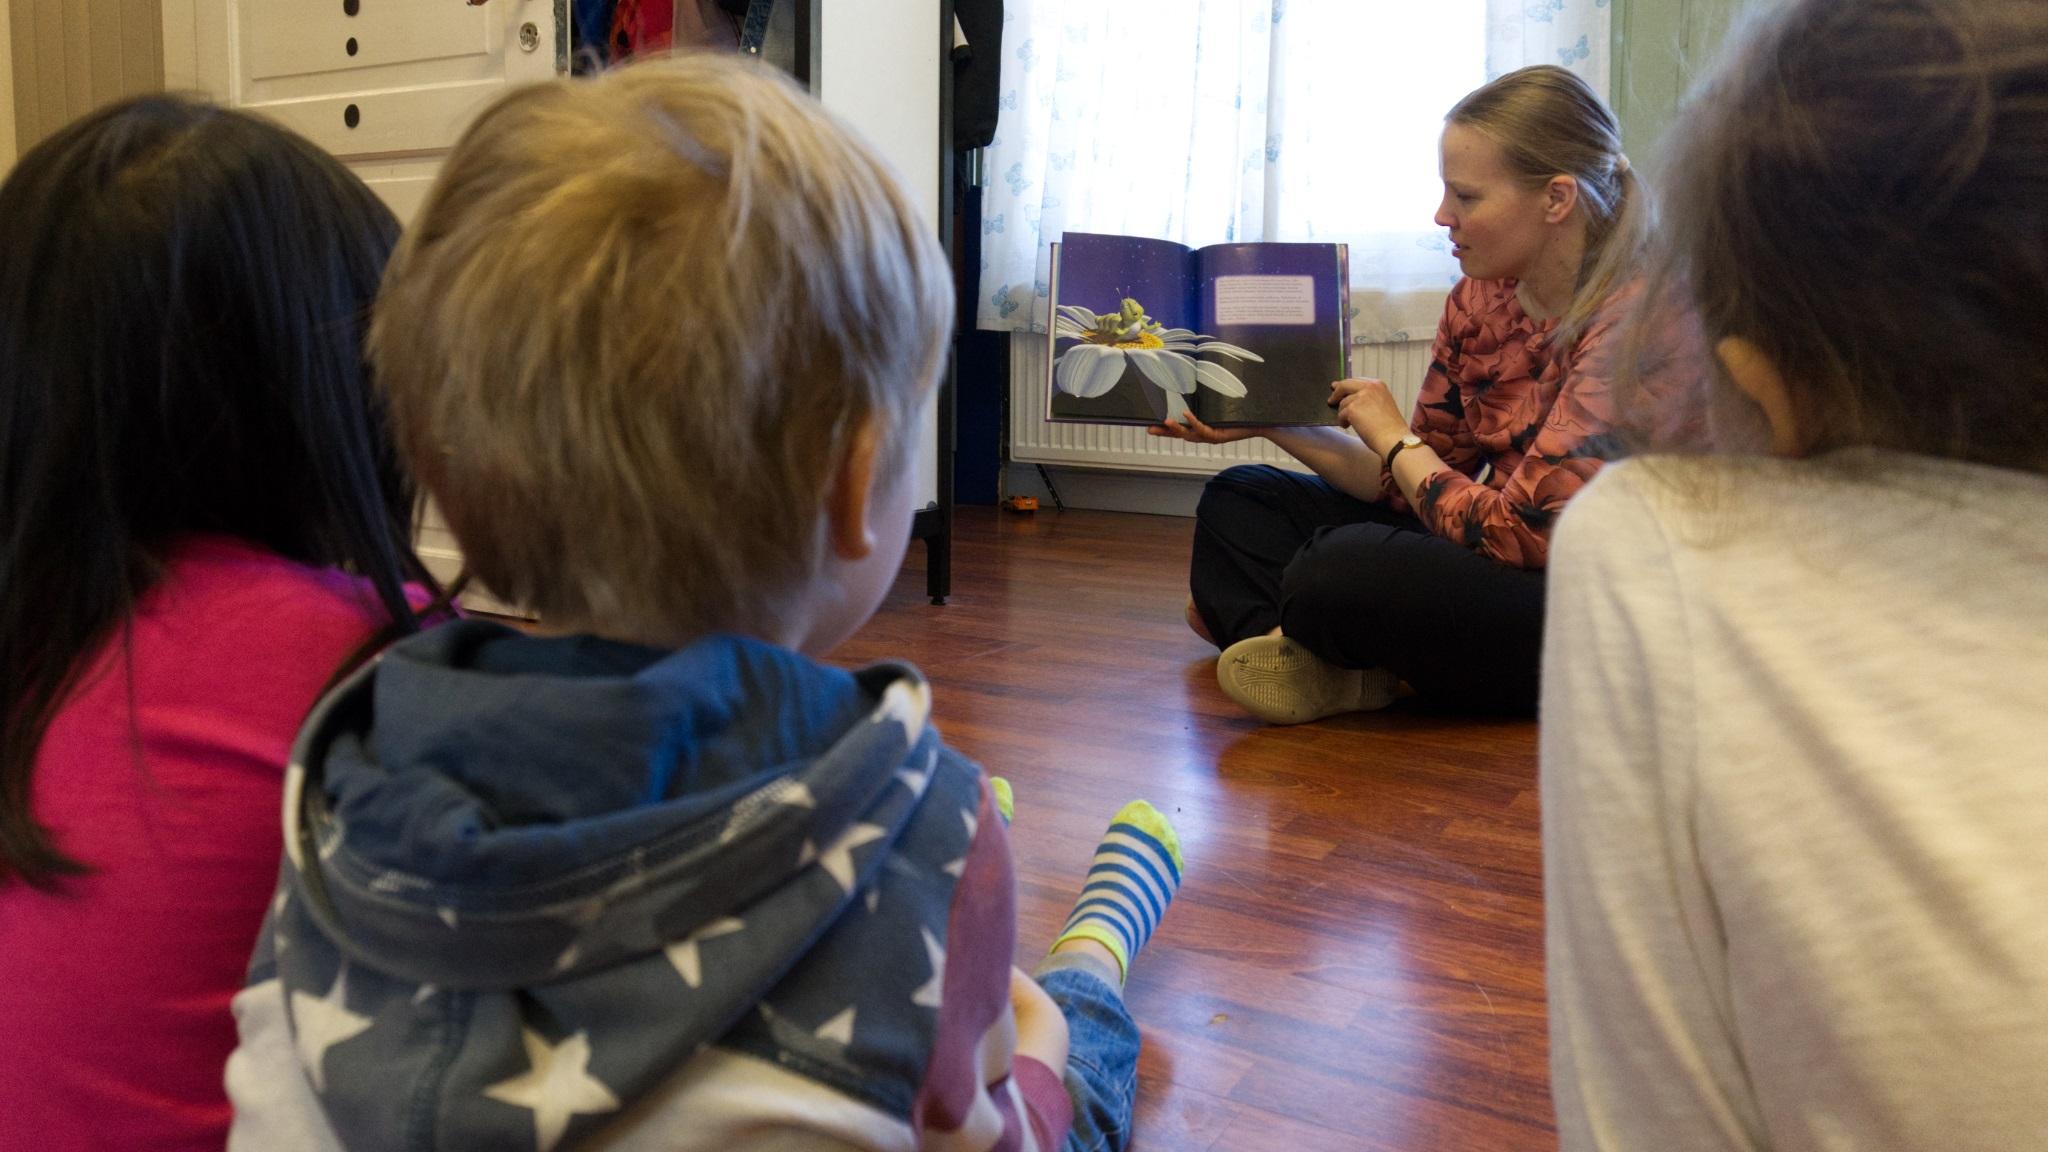 Opettaja lukee kirjaa lapsille lattialla, kuva